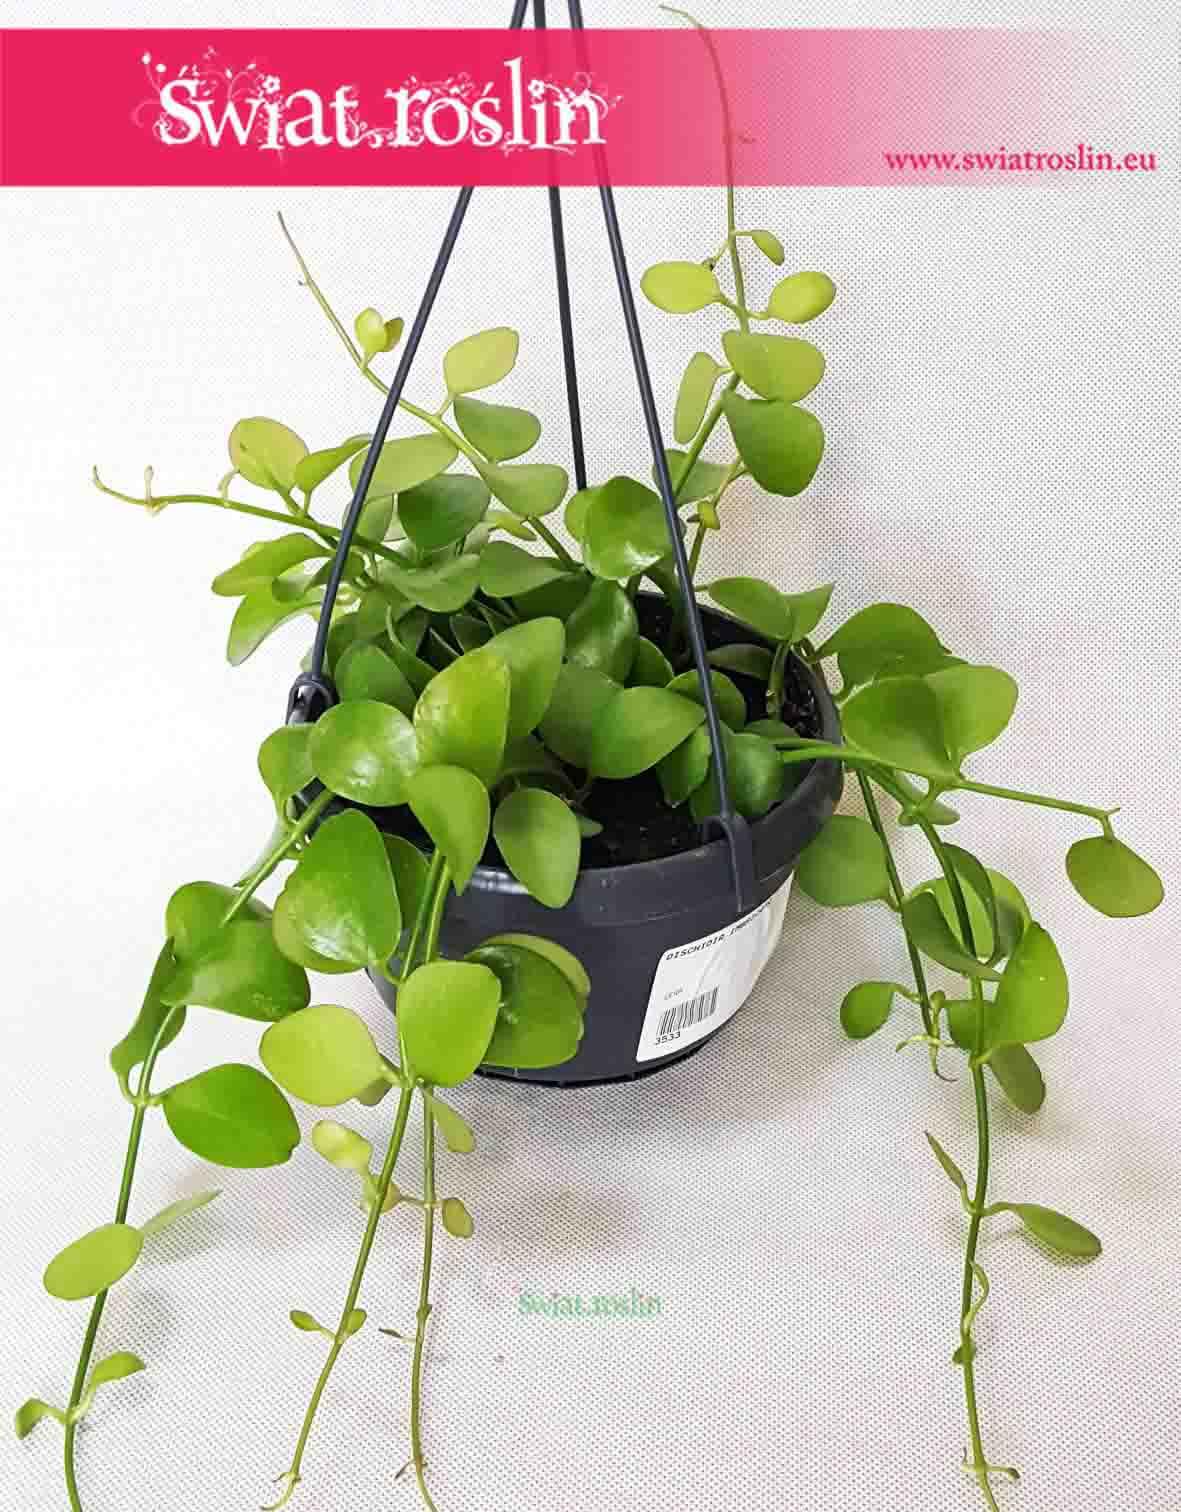 Dischidia Imbricata, Diszidia Imbrykata, świat roślin, rośliny doniczkowe